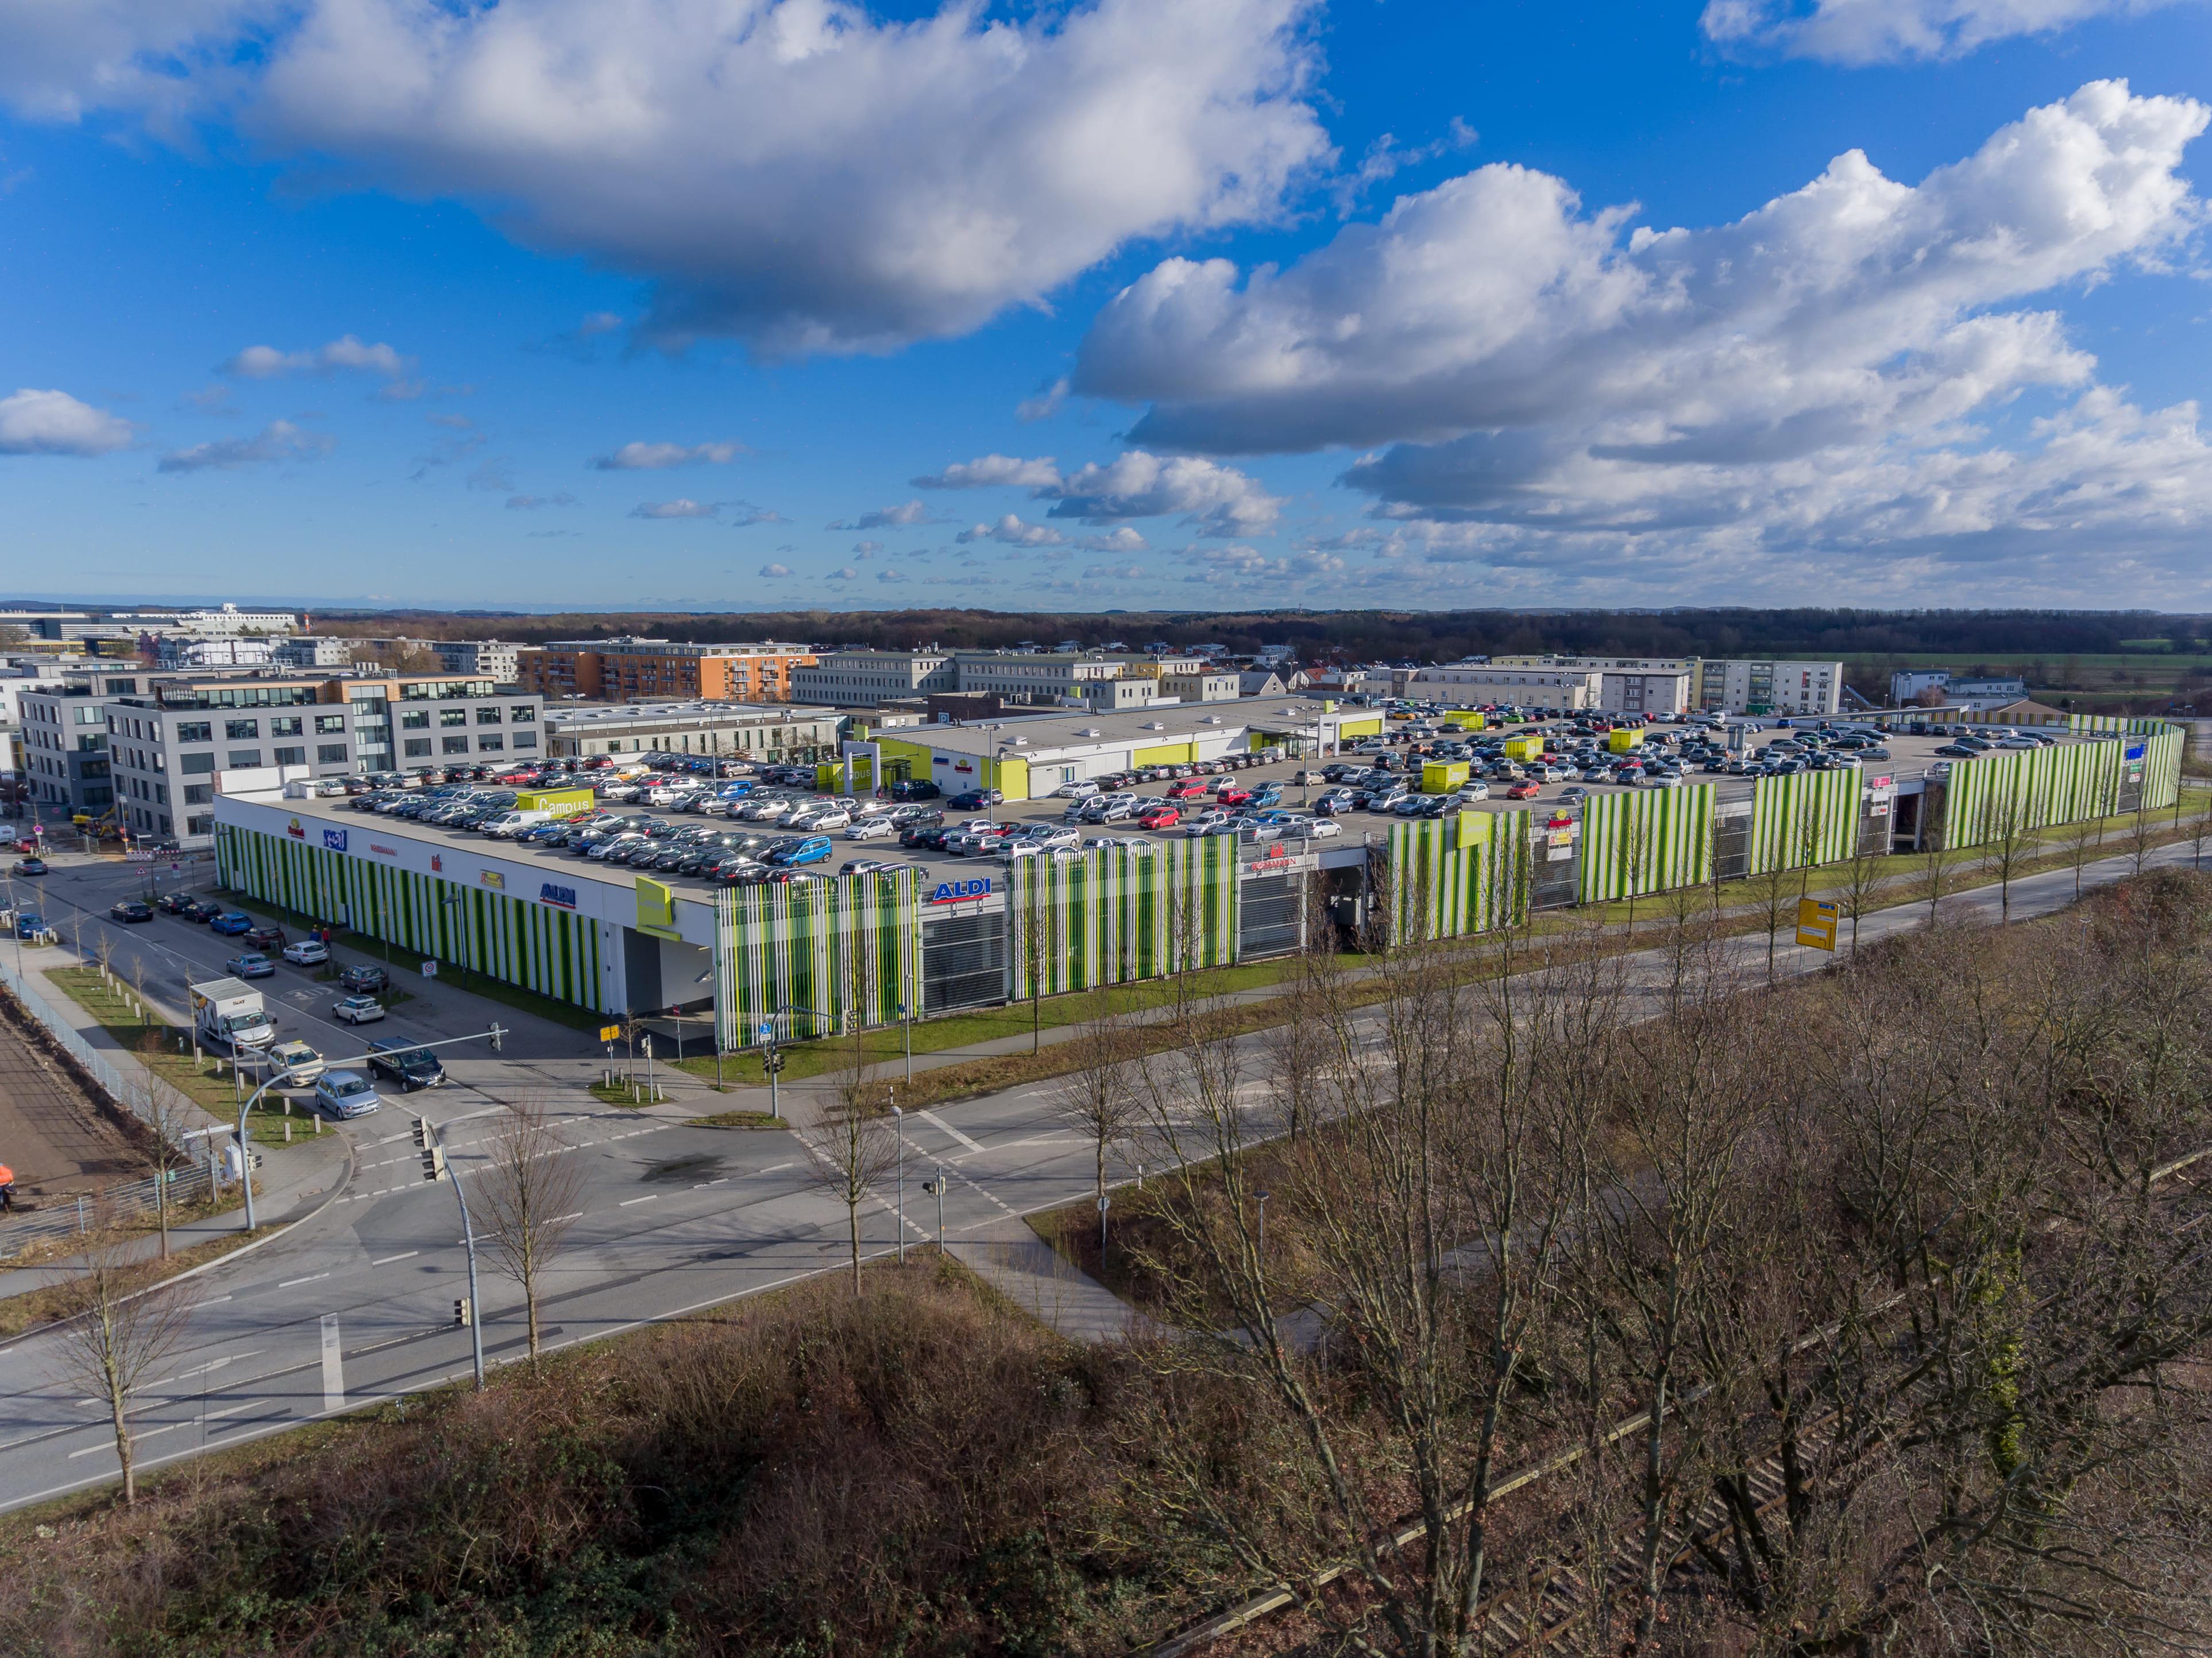 Nuveen Real Estate erwirbt Campus Center Lübeck